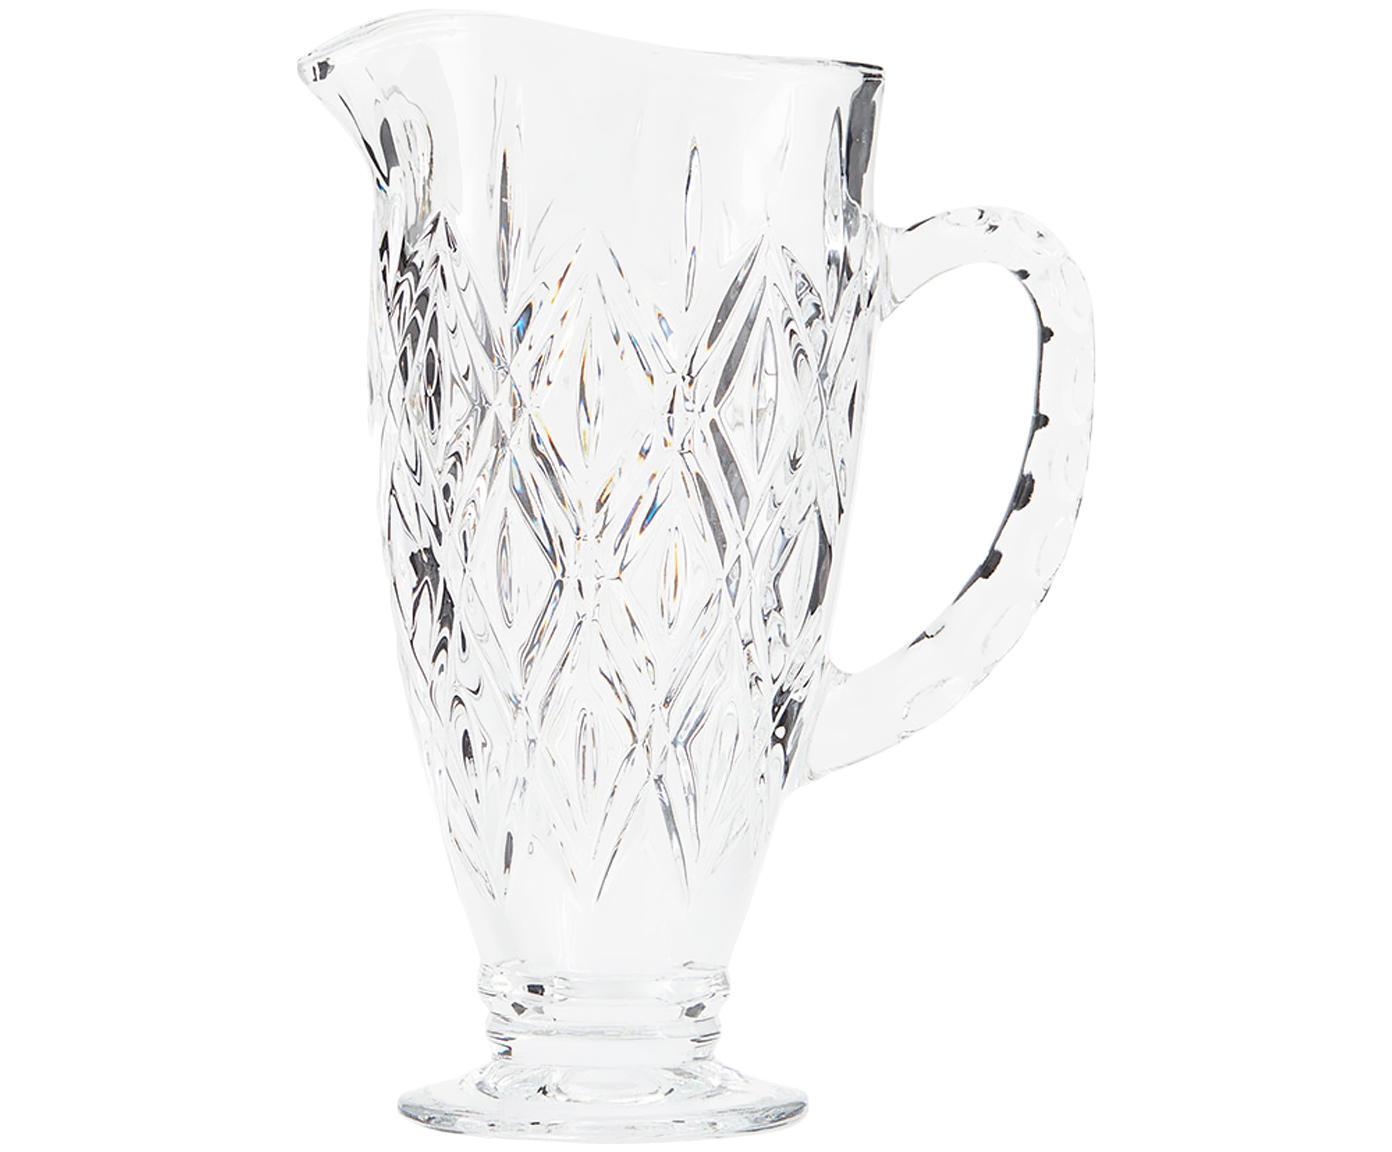 Kryształowy dzbanek Waltham, Szkło kryształowe, Transparentny, 1 l